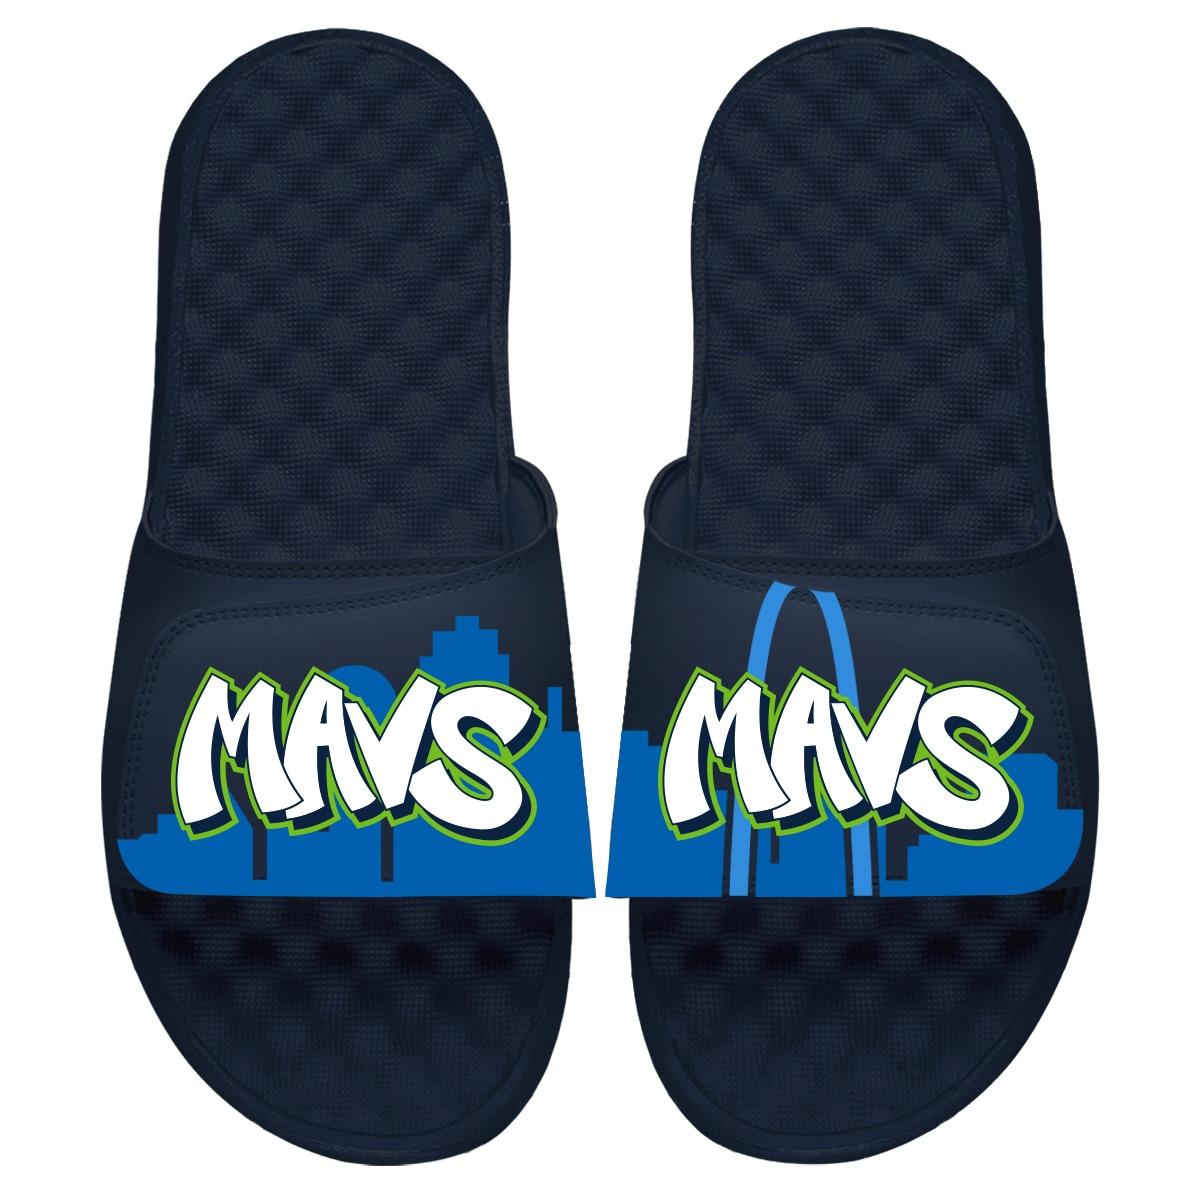 Dallas Mavericks ISlide 2019/20 City Edition Slide Sandals - Navy